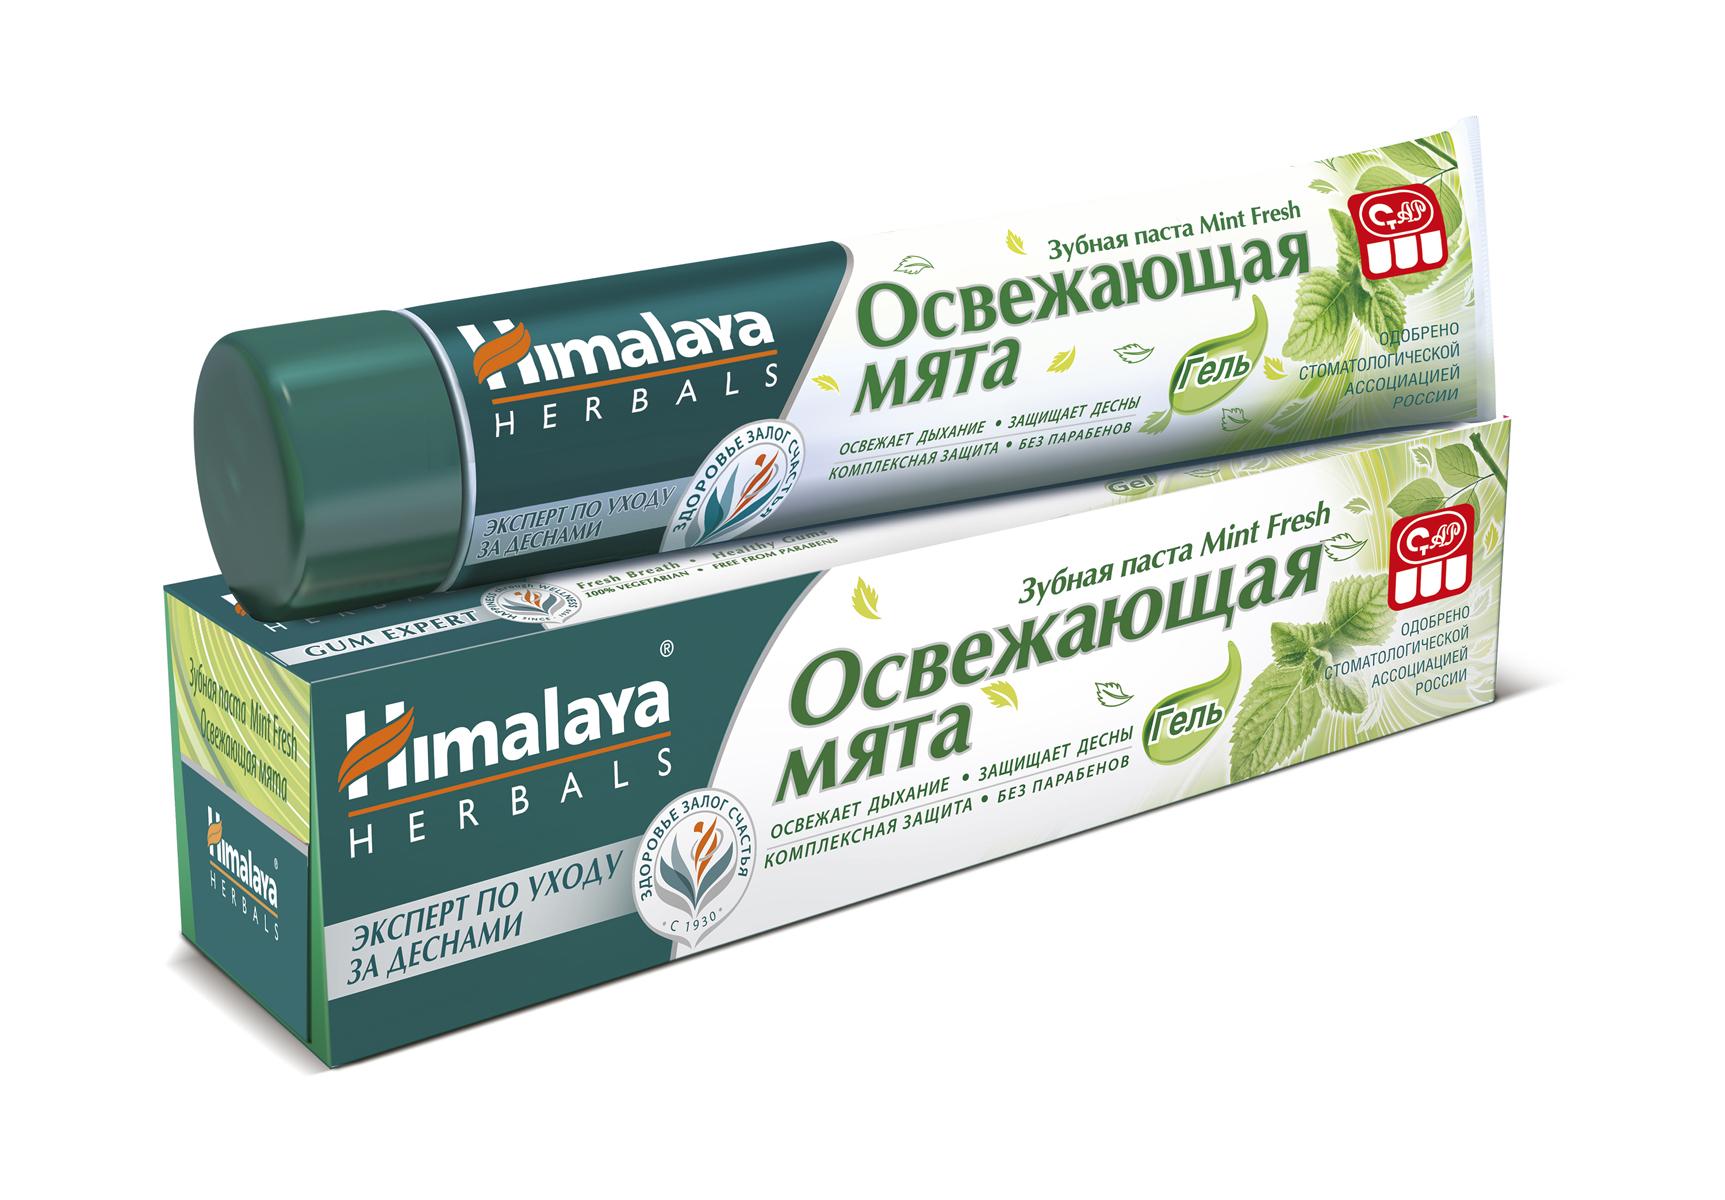 Himalaya Herbals Зубная Паста Mint Fresh Освежающая Мята, 75 мл8901138825614Благодаря уникальной растительной формуле обеспечивает защиту от бактерий в течение 12 часов, препятствует формированию зубного налета. Мята и Укроп индийский помогают предотвратить запах изо рта, обеспечивая длительную свежесть дыхания, ним предотвращает воспаление десен и снижает их кровоточивость. Не содержит: фтор